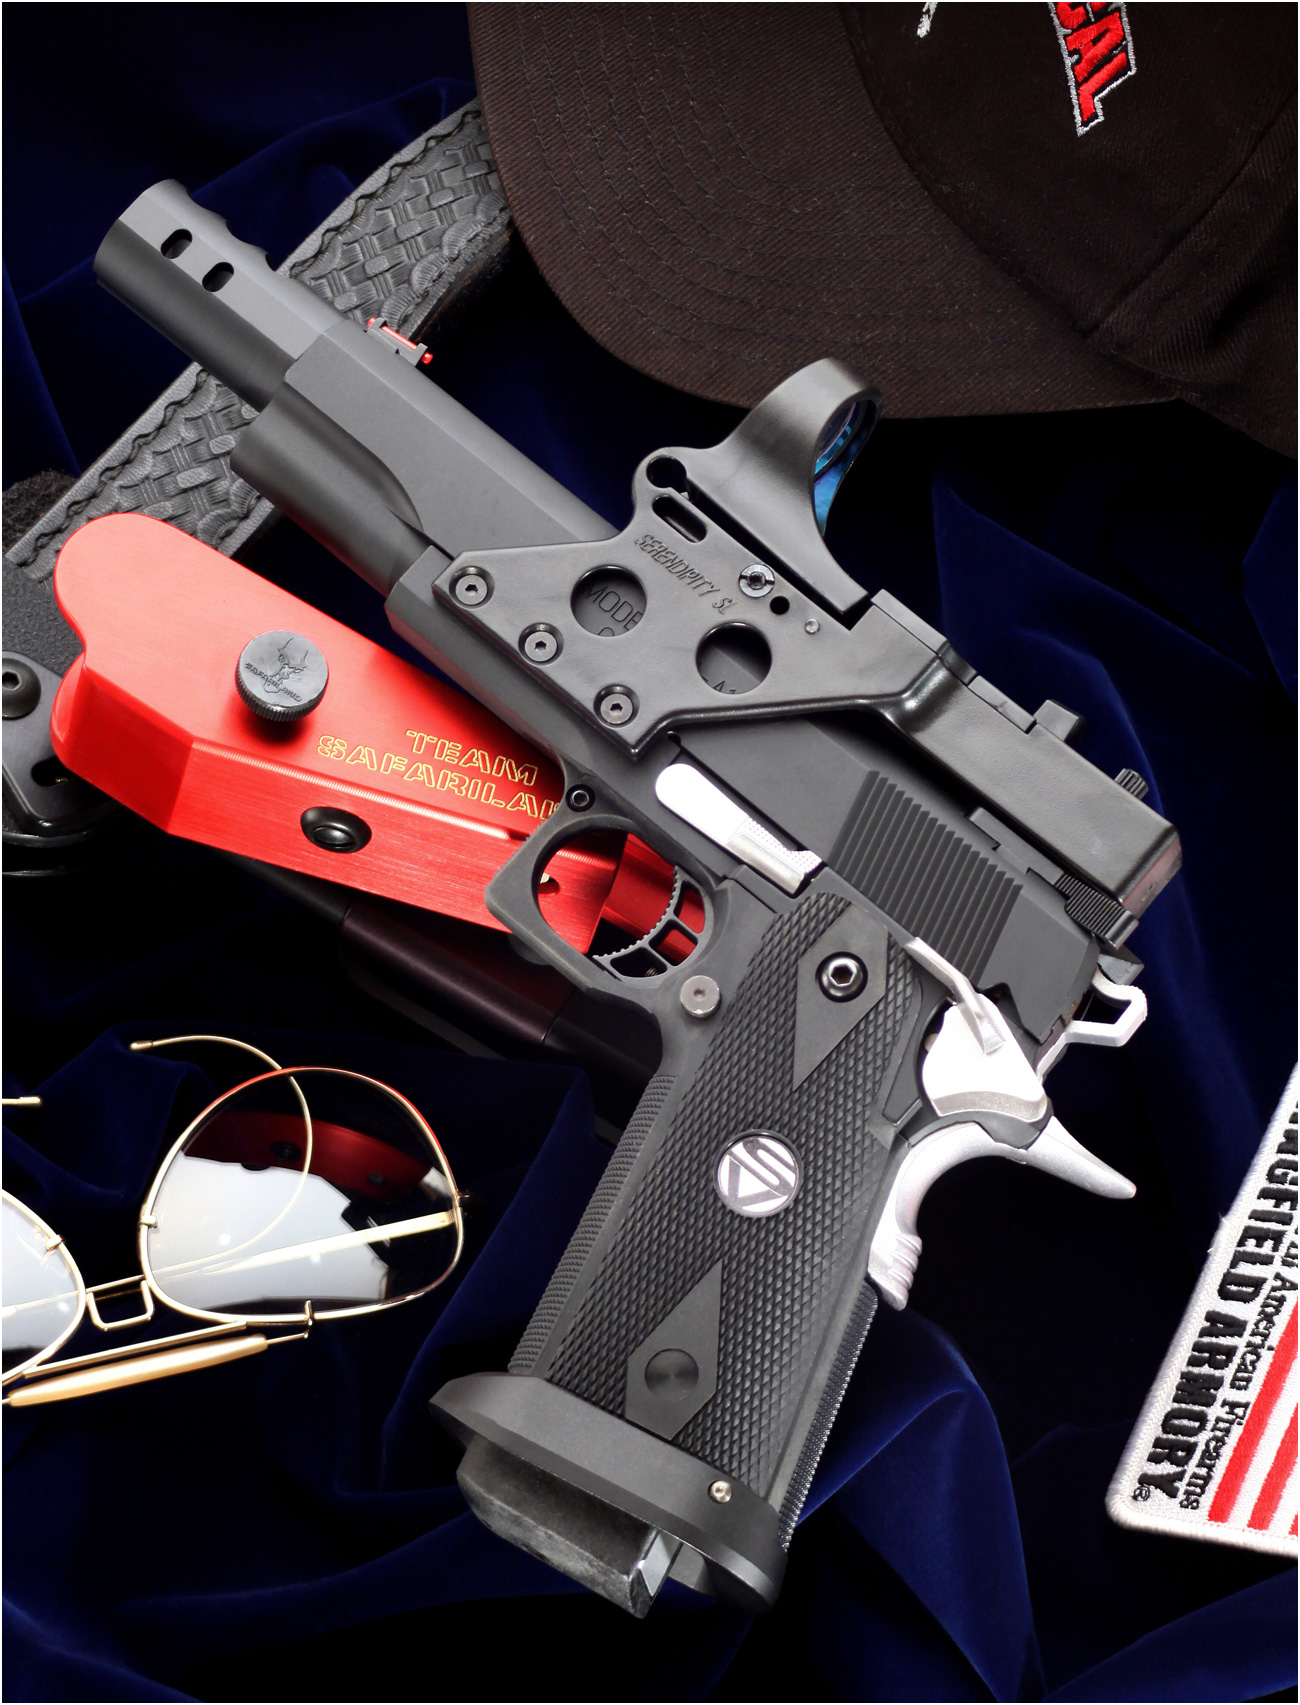 proshooter08